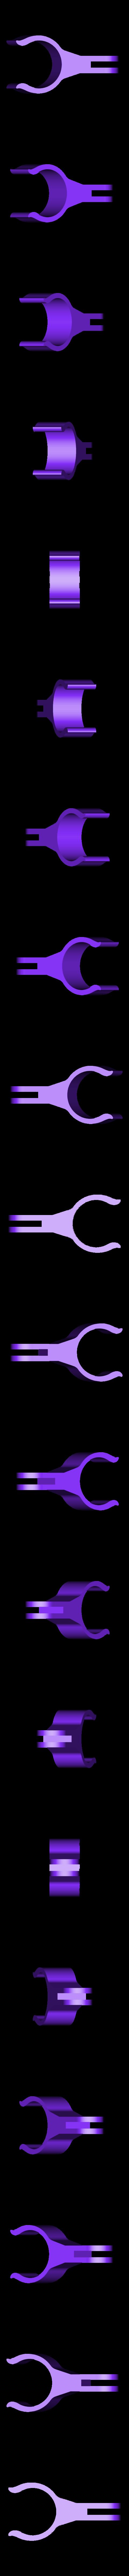 Bicycle_torch_holder.stl Télécharger fichier STL gratuit Support de torche pour vélo • Objet imprimable en 3D, BQ_3D